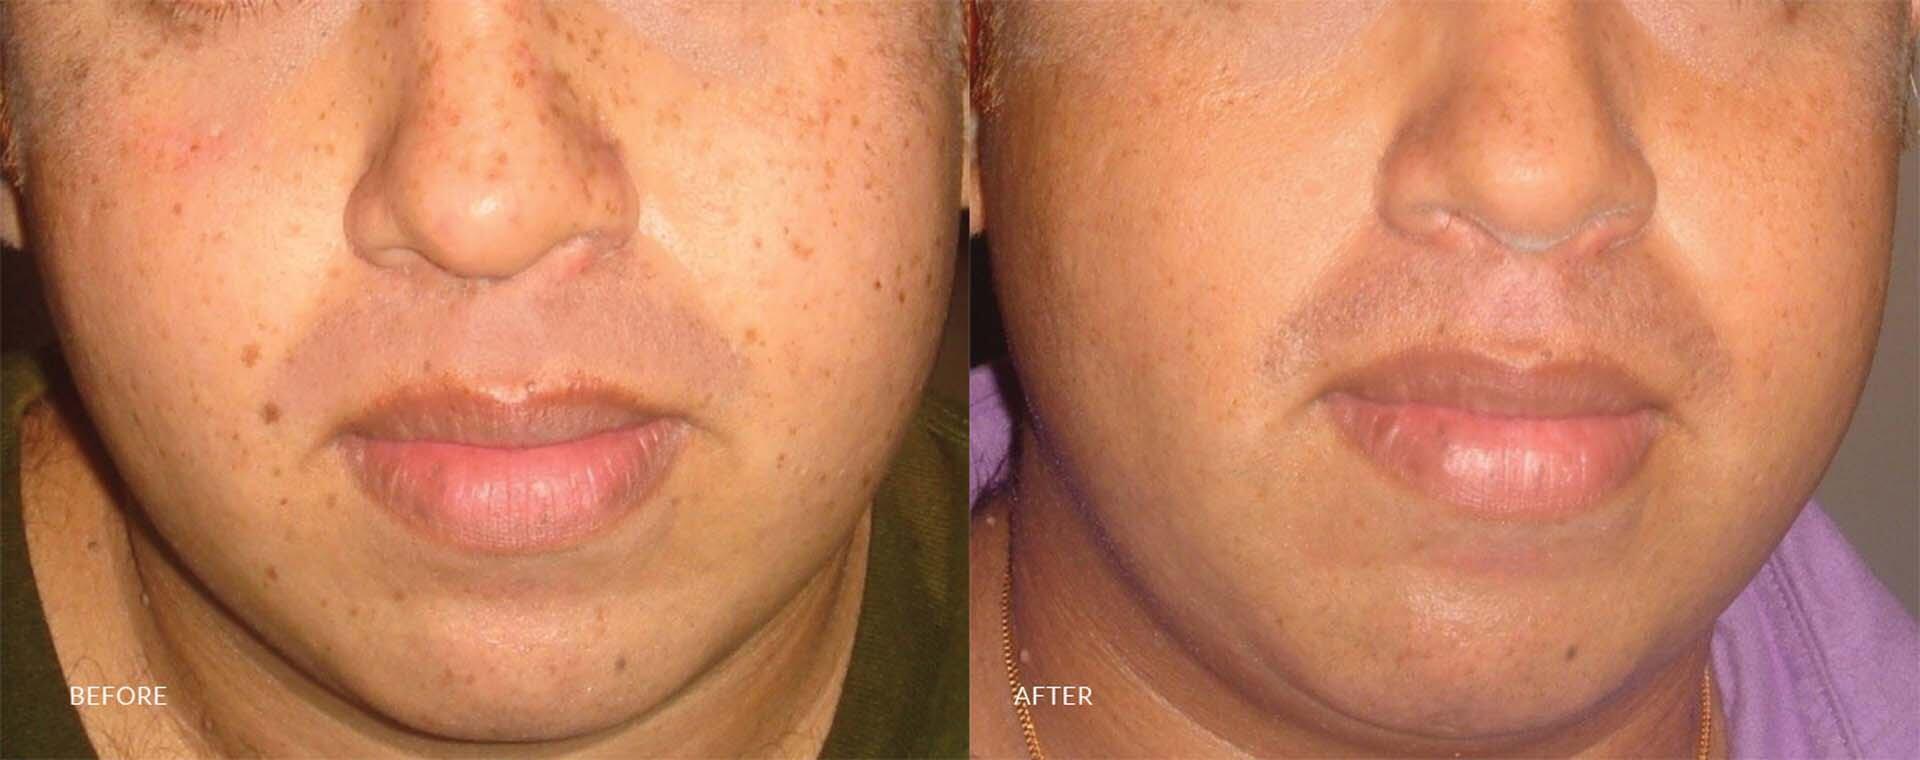 Skin care in sri lanka